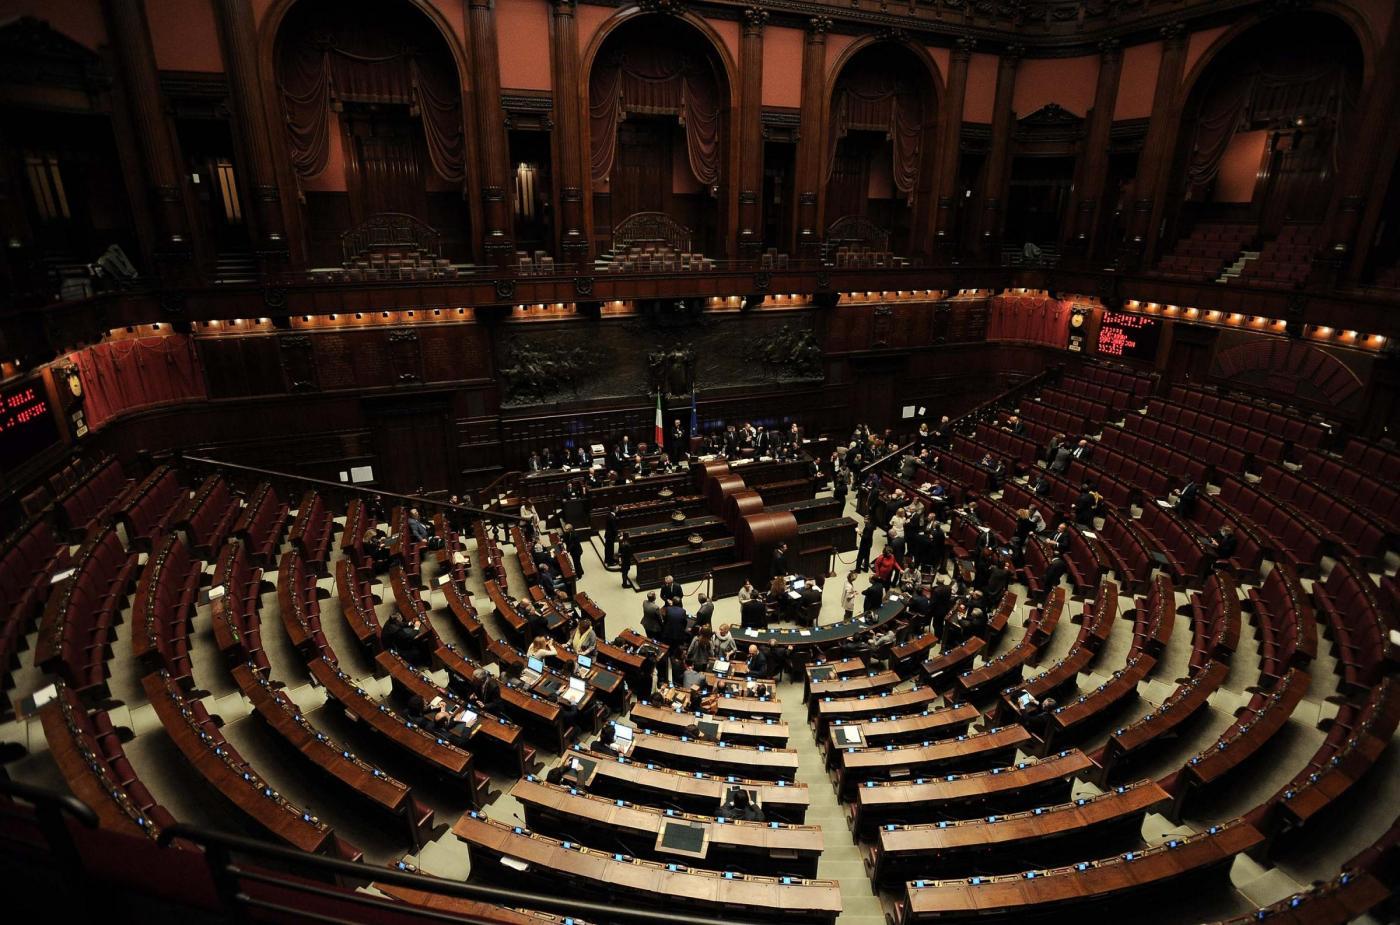 Stipendi dipendenti della Camera dei Deputati: il taglio vale solo per due anni